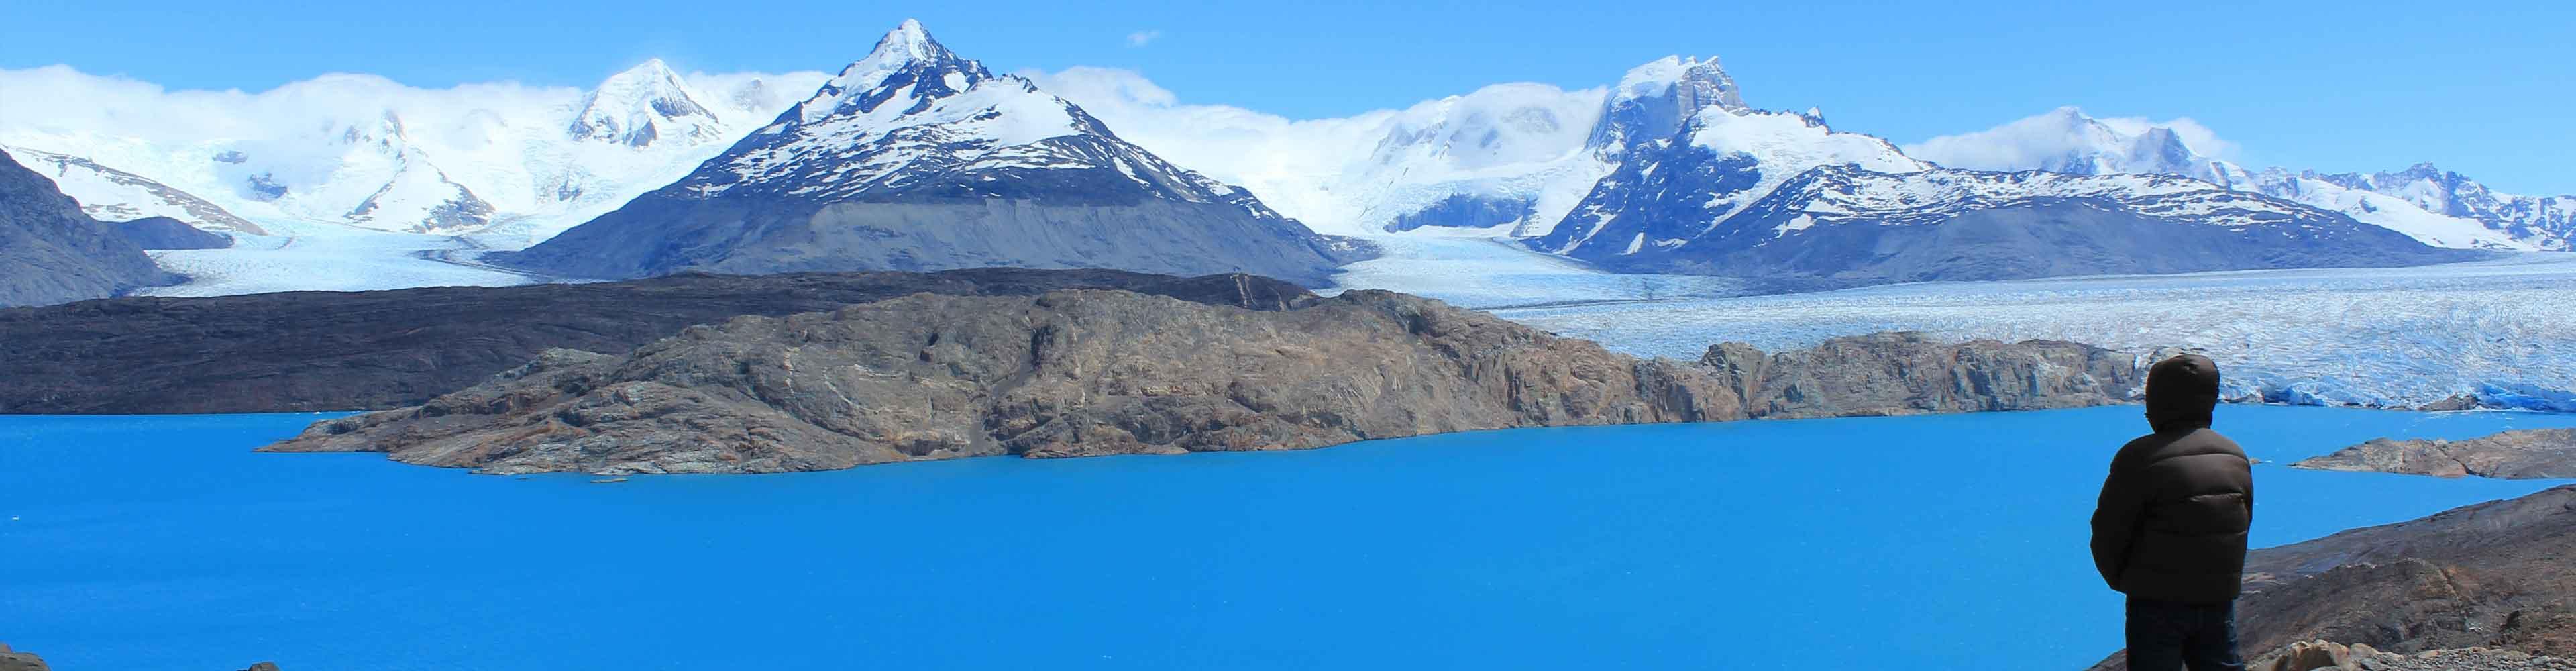 Explore Patagonia